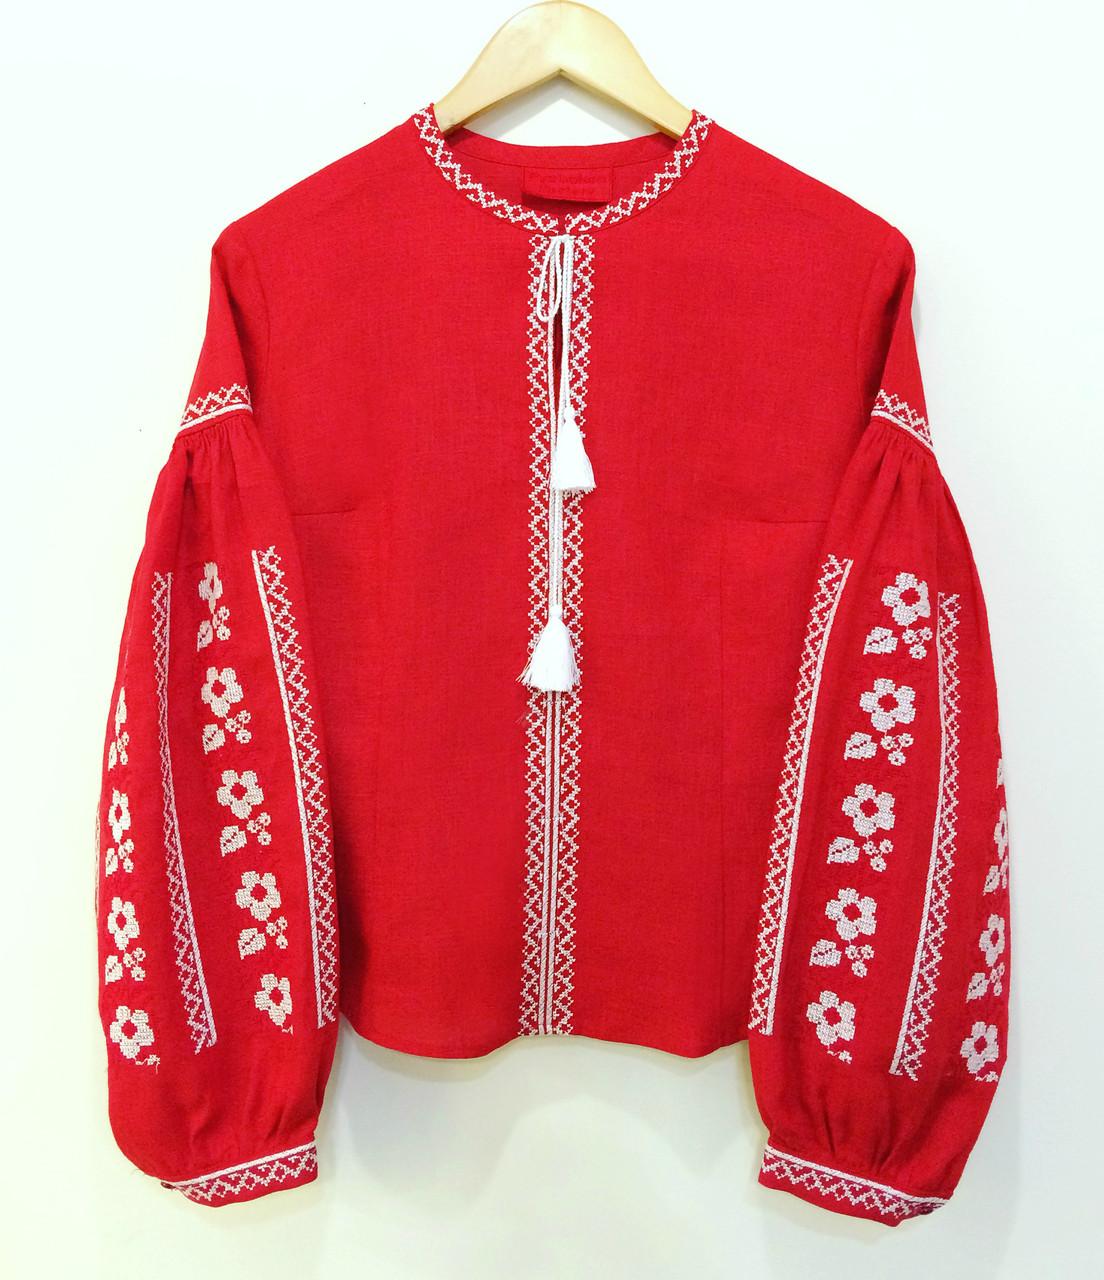 Вишиванка з пишними рукавами червоний льон квіти хрестик вишивка -  Ексклюзивні Вишиванки  0339c0ff7ca80